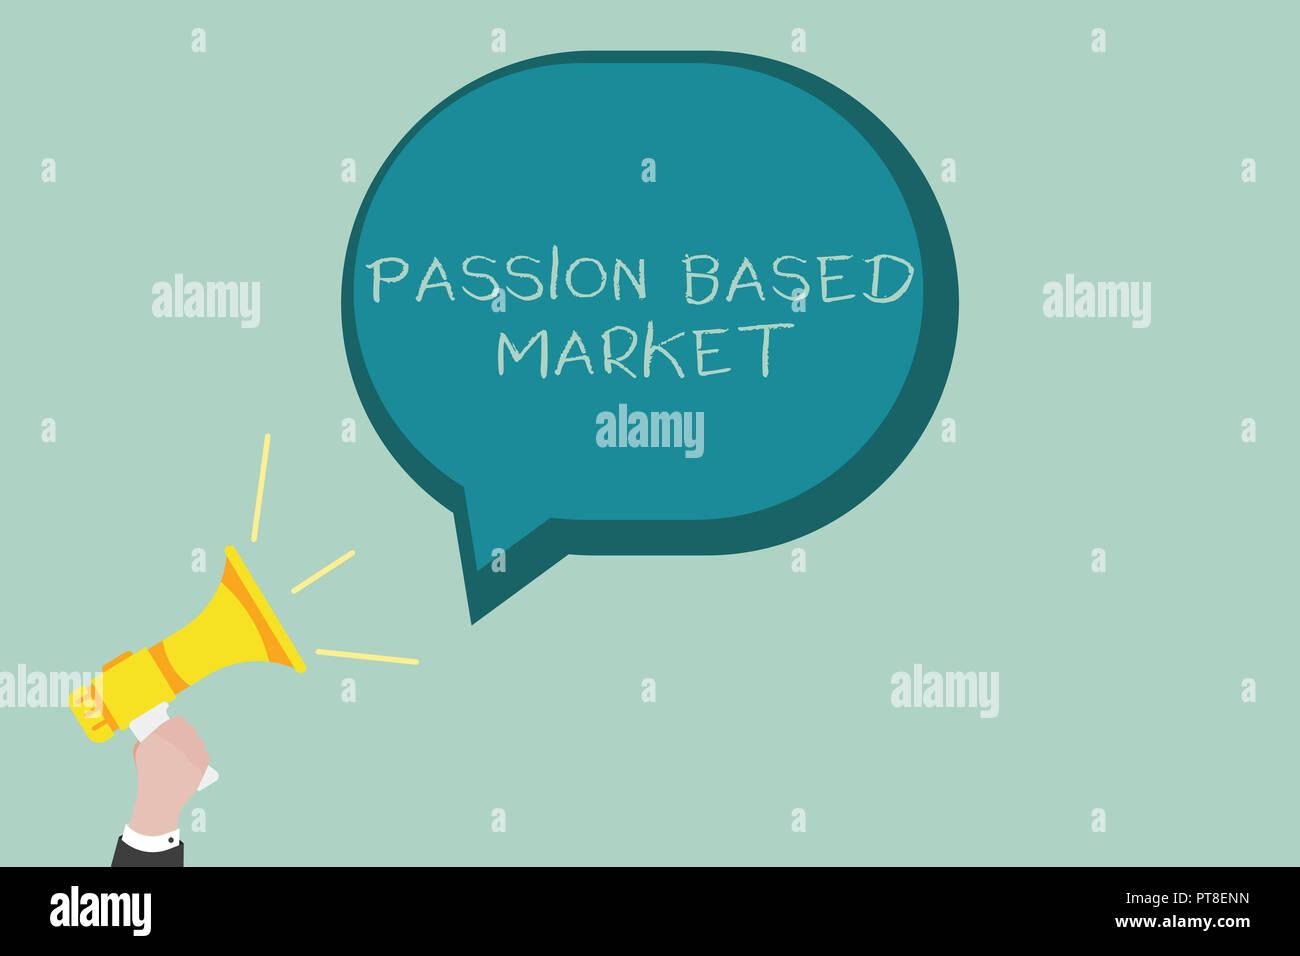 55bac4a24a7 Escritura de texto de Word de mercado basado en la Pasión. Concepto de  negocio para el canal de ventas emocional de una estrategia centrada en  Personalizar.